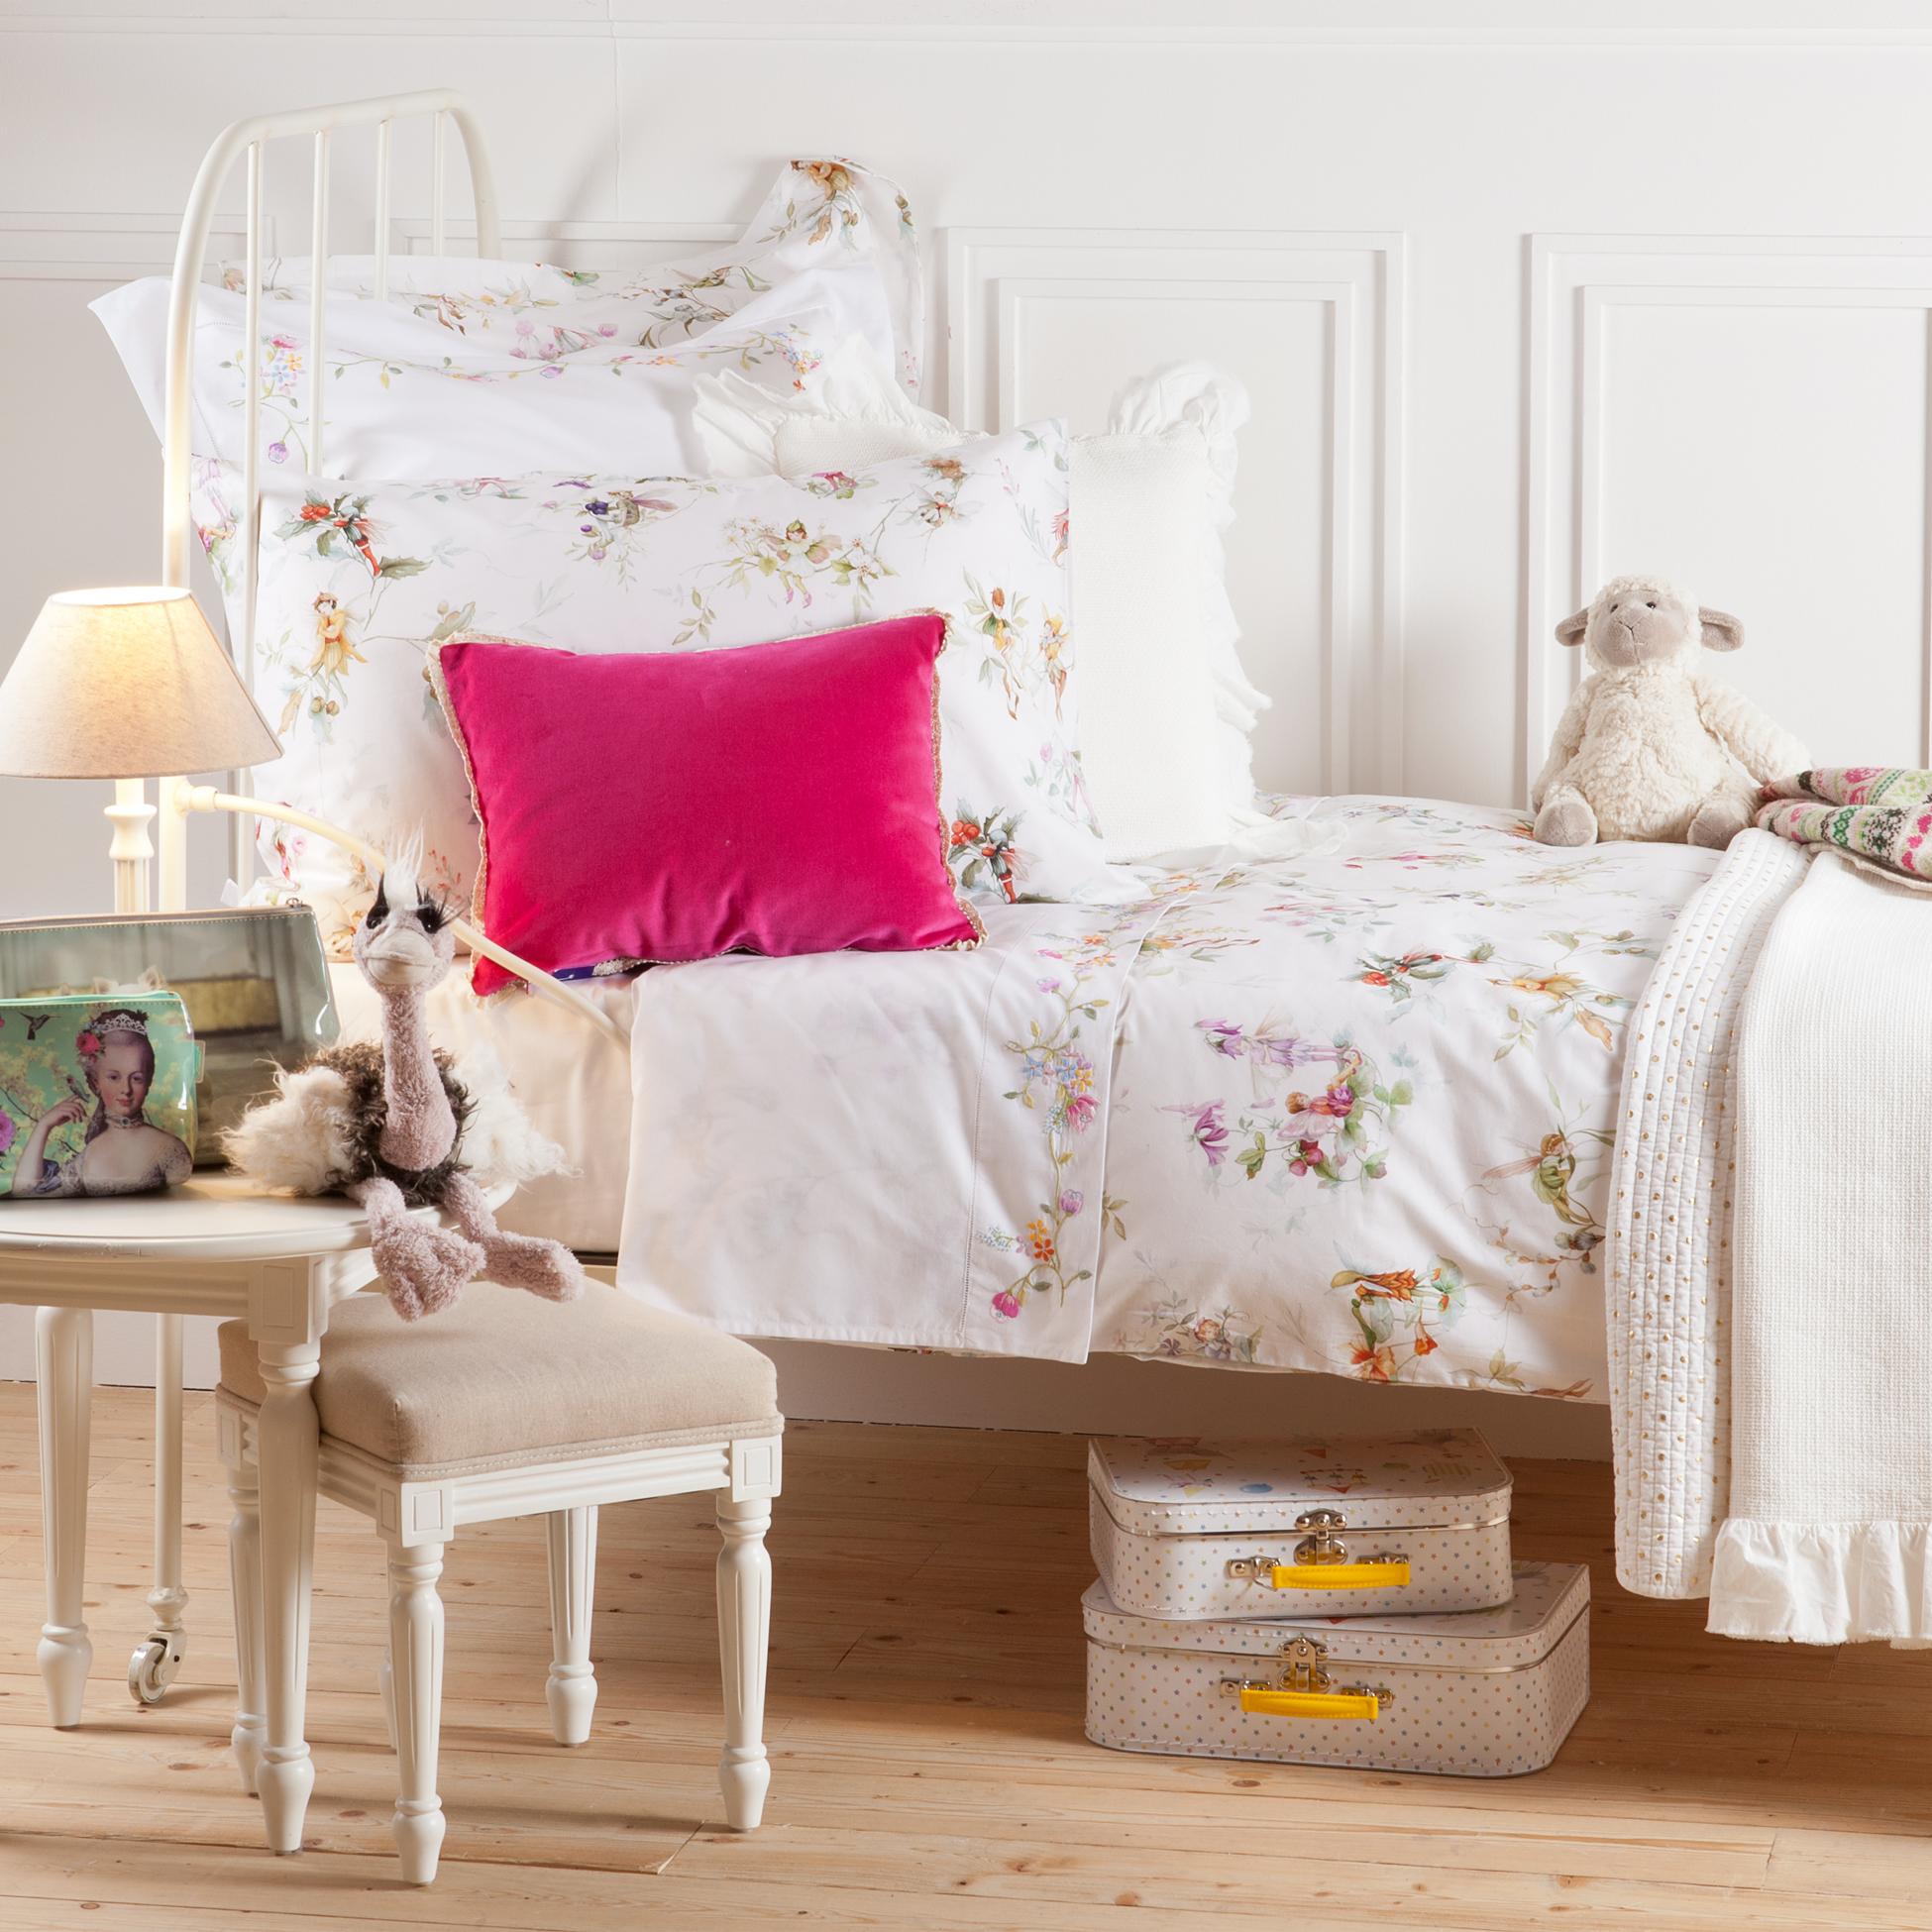 zara home arrive en ville dans la cabine. Black Bedroom Furniture Sets. Home Design Ideas